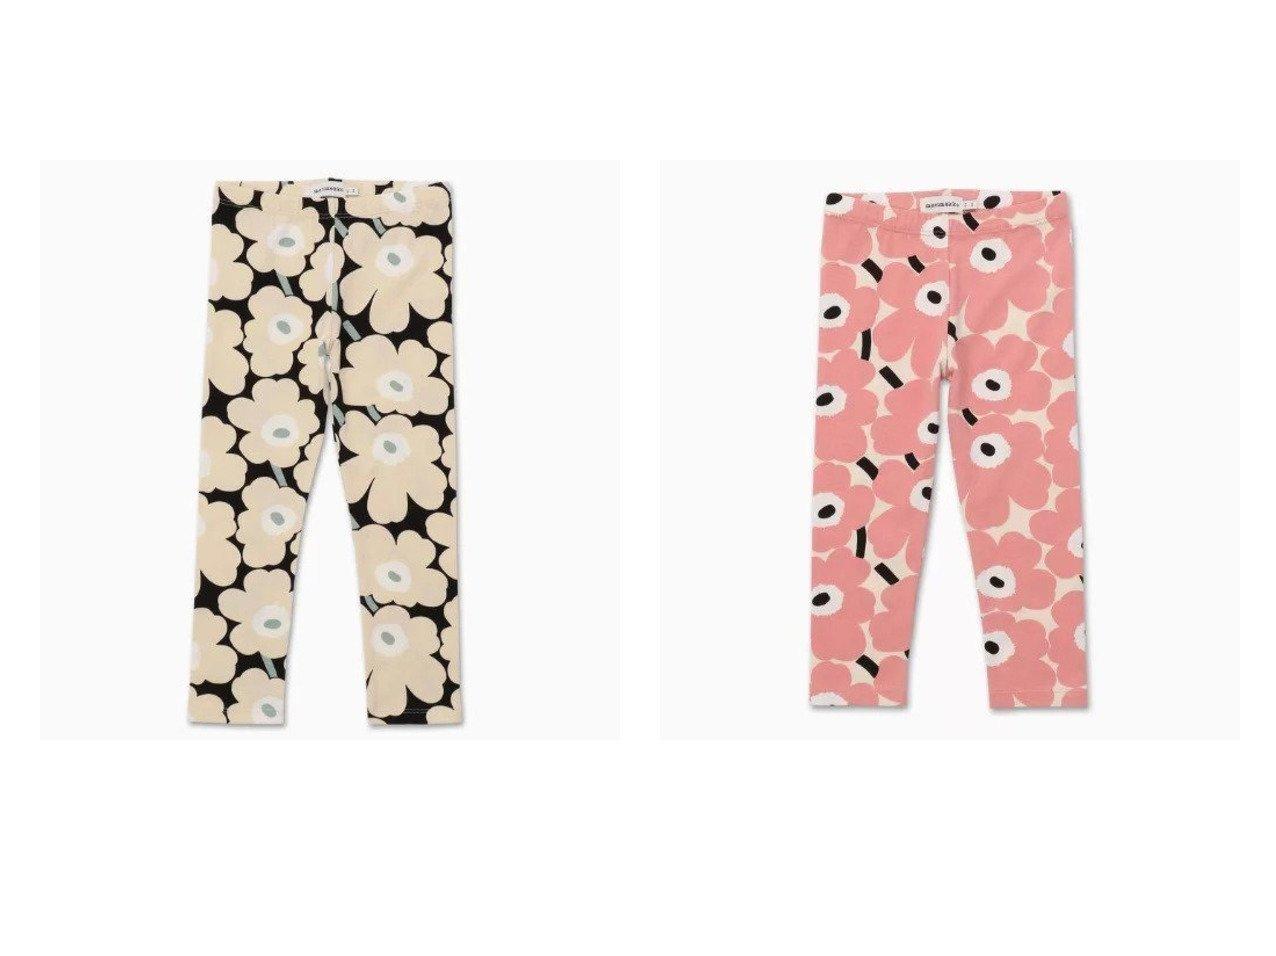 【marimekko / KIDS/マリメッコ】の[Kids]Lairi Mini Unikot 2 パンツ&[Kids]Lairi Mini Unikot 1 パンツ 【KIDS】子供服のおすすめ!人気トレンド・キッズファッションの通販  おすすめで人気の流行・トレンド、ファッションの通販商品 メンズファッション・キッズファッション・インテリア・家具・レディースファッション・服の通販 founy(ファニー) https://founy.com/ ファッション Fashion キッズファッション KIDS ボトムス Bottoms/Kids おすすめ Recommend ジャージー セットアップ リラックス  ID:crp329100000027199